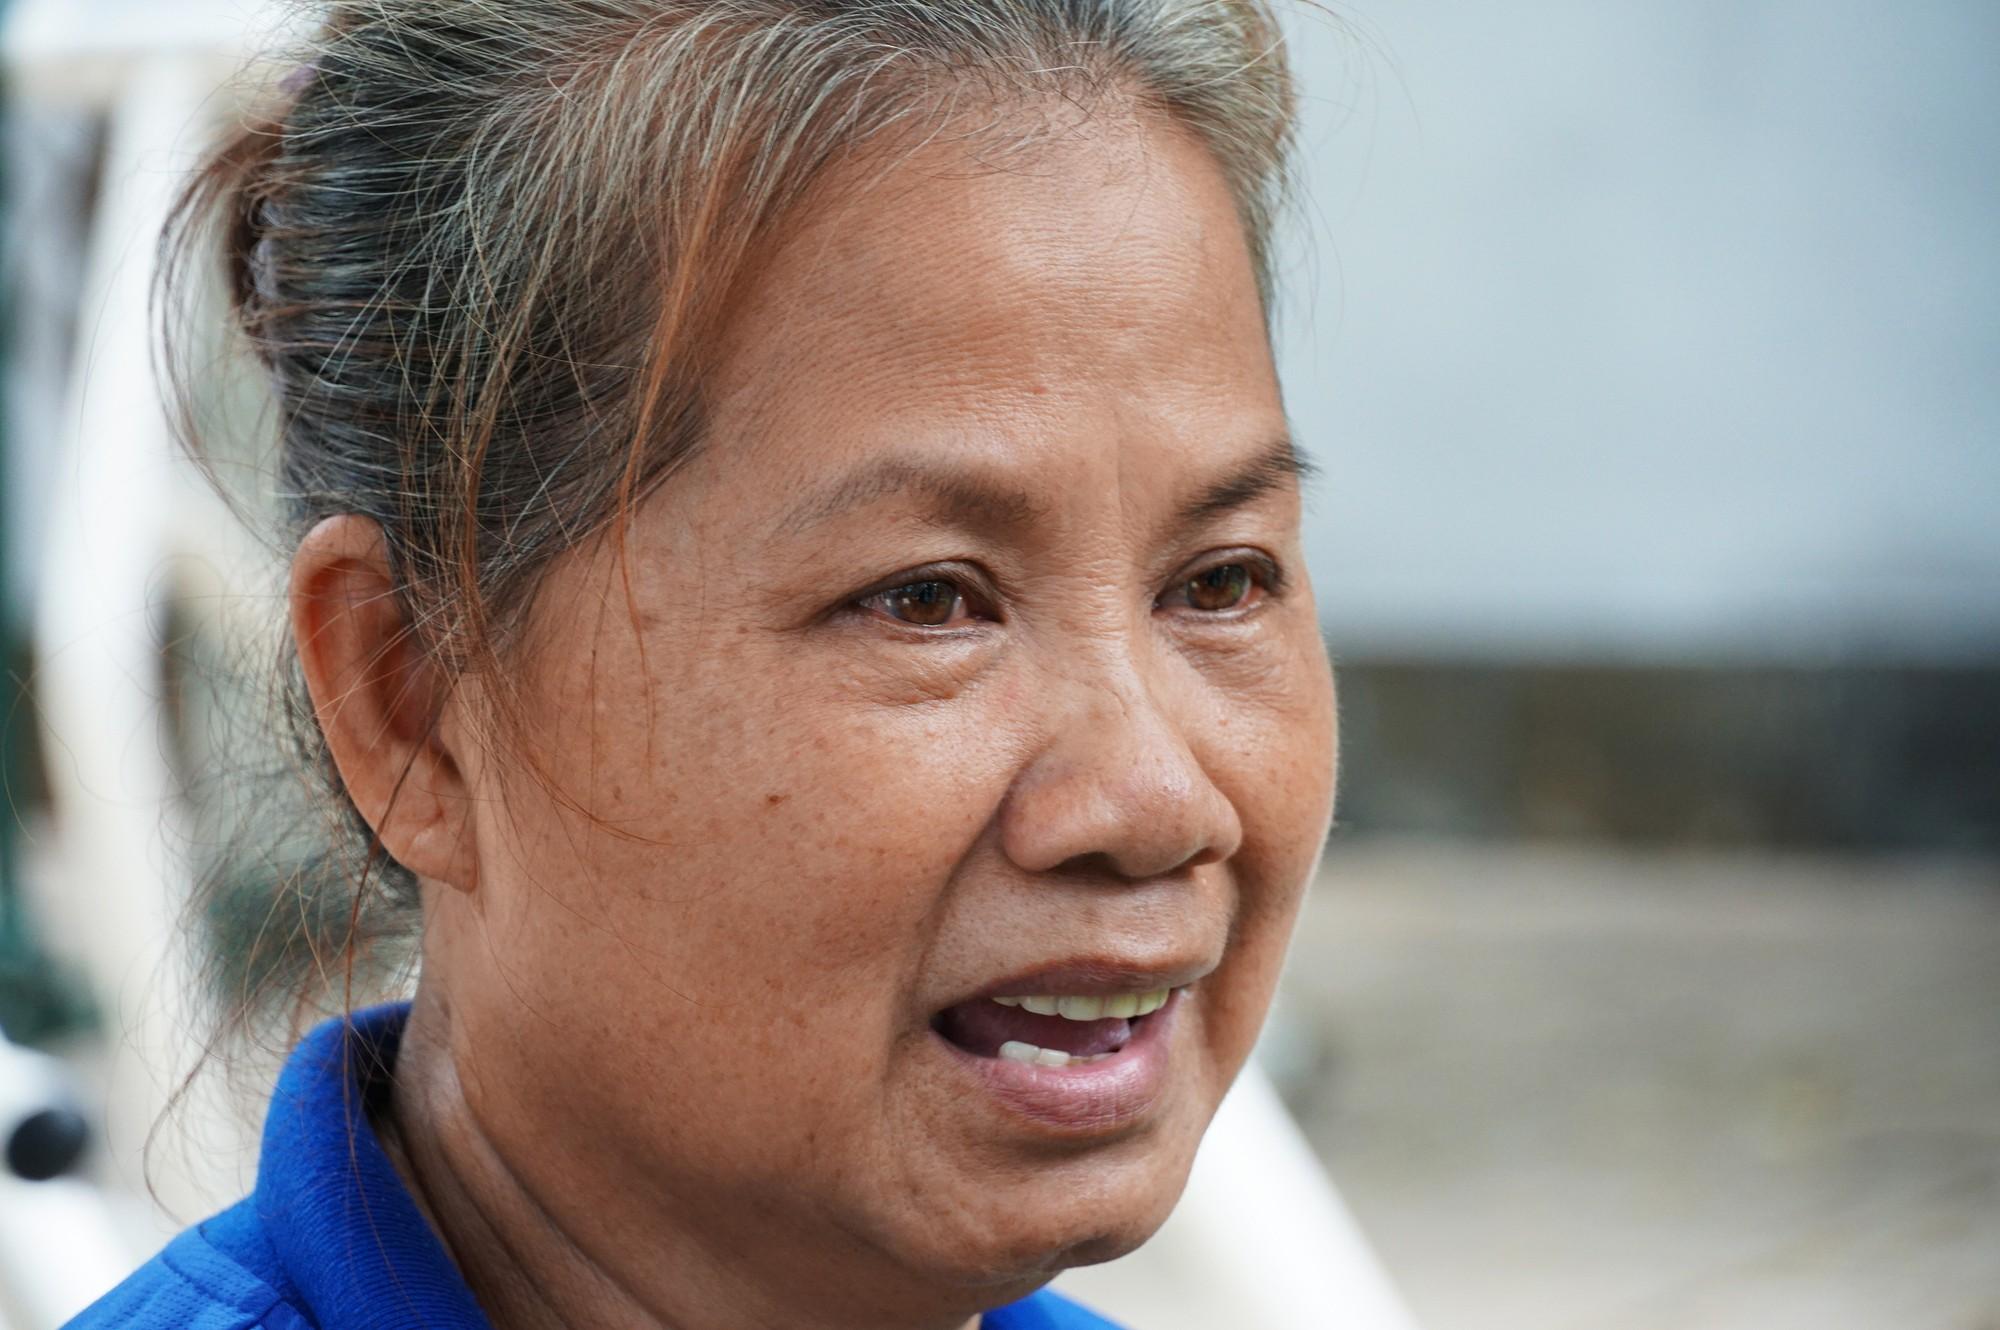 Cuộc sống vất vả mà bình dị của mẹ con nam công nhân trả lại 7.400 USD cho người nước ngoài - Ảnh 3.